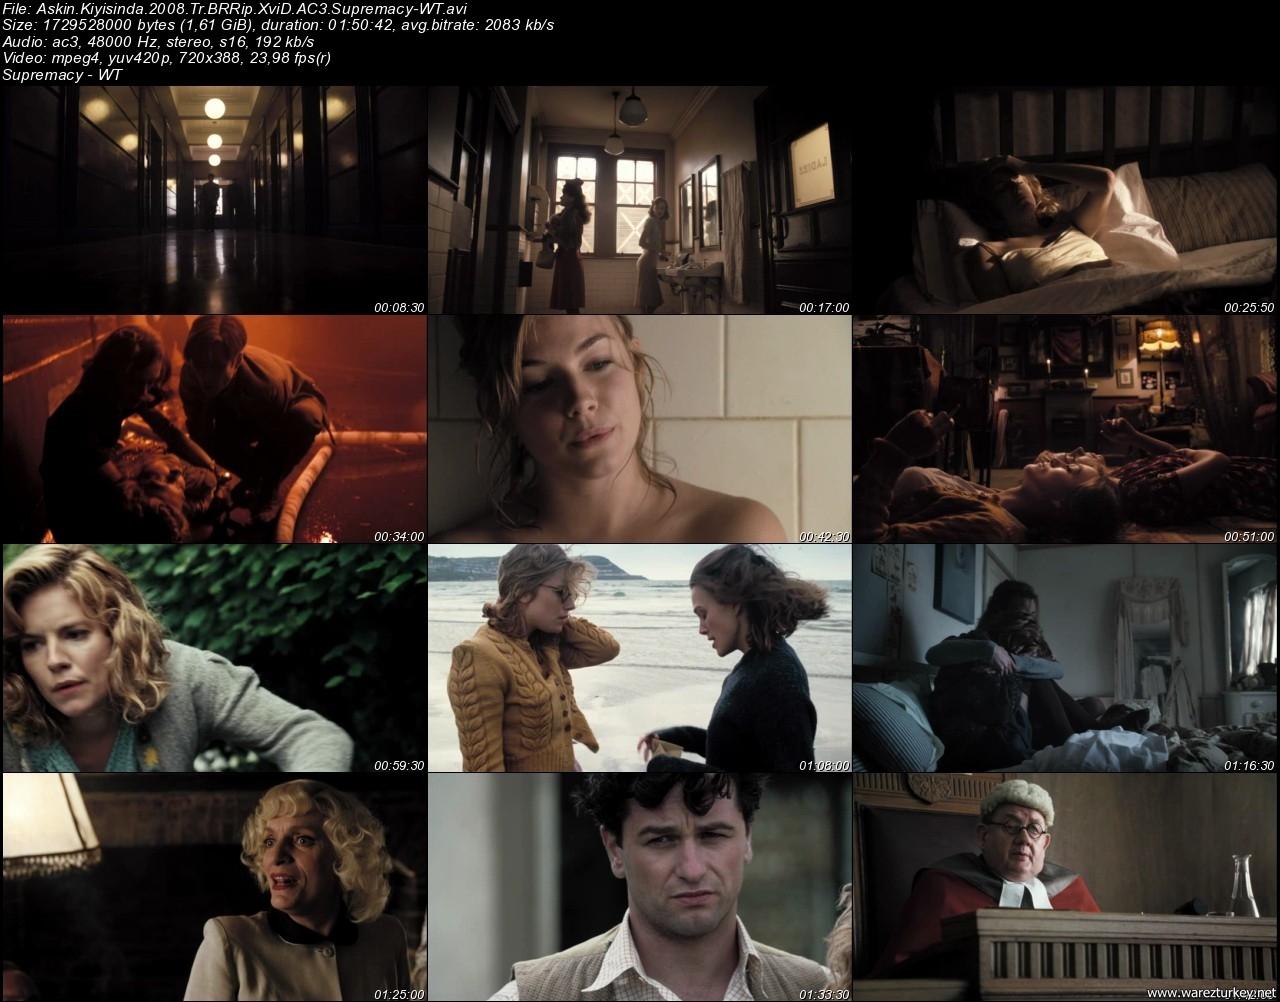 Aşkın Kıyısında - 2008 Türkçe Dublaj 480p BRRip Tek Link